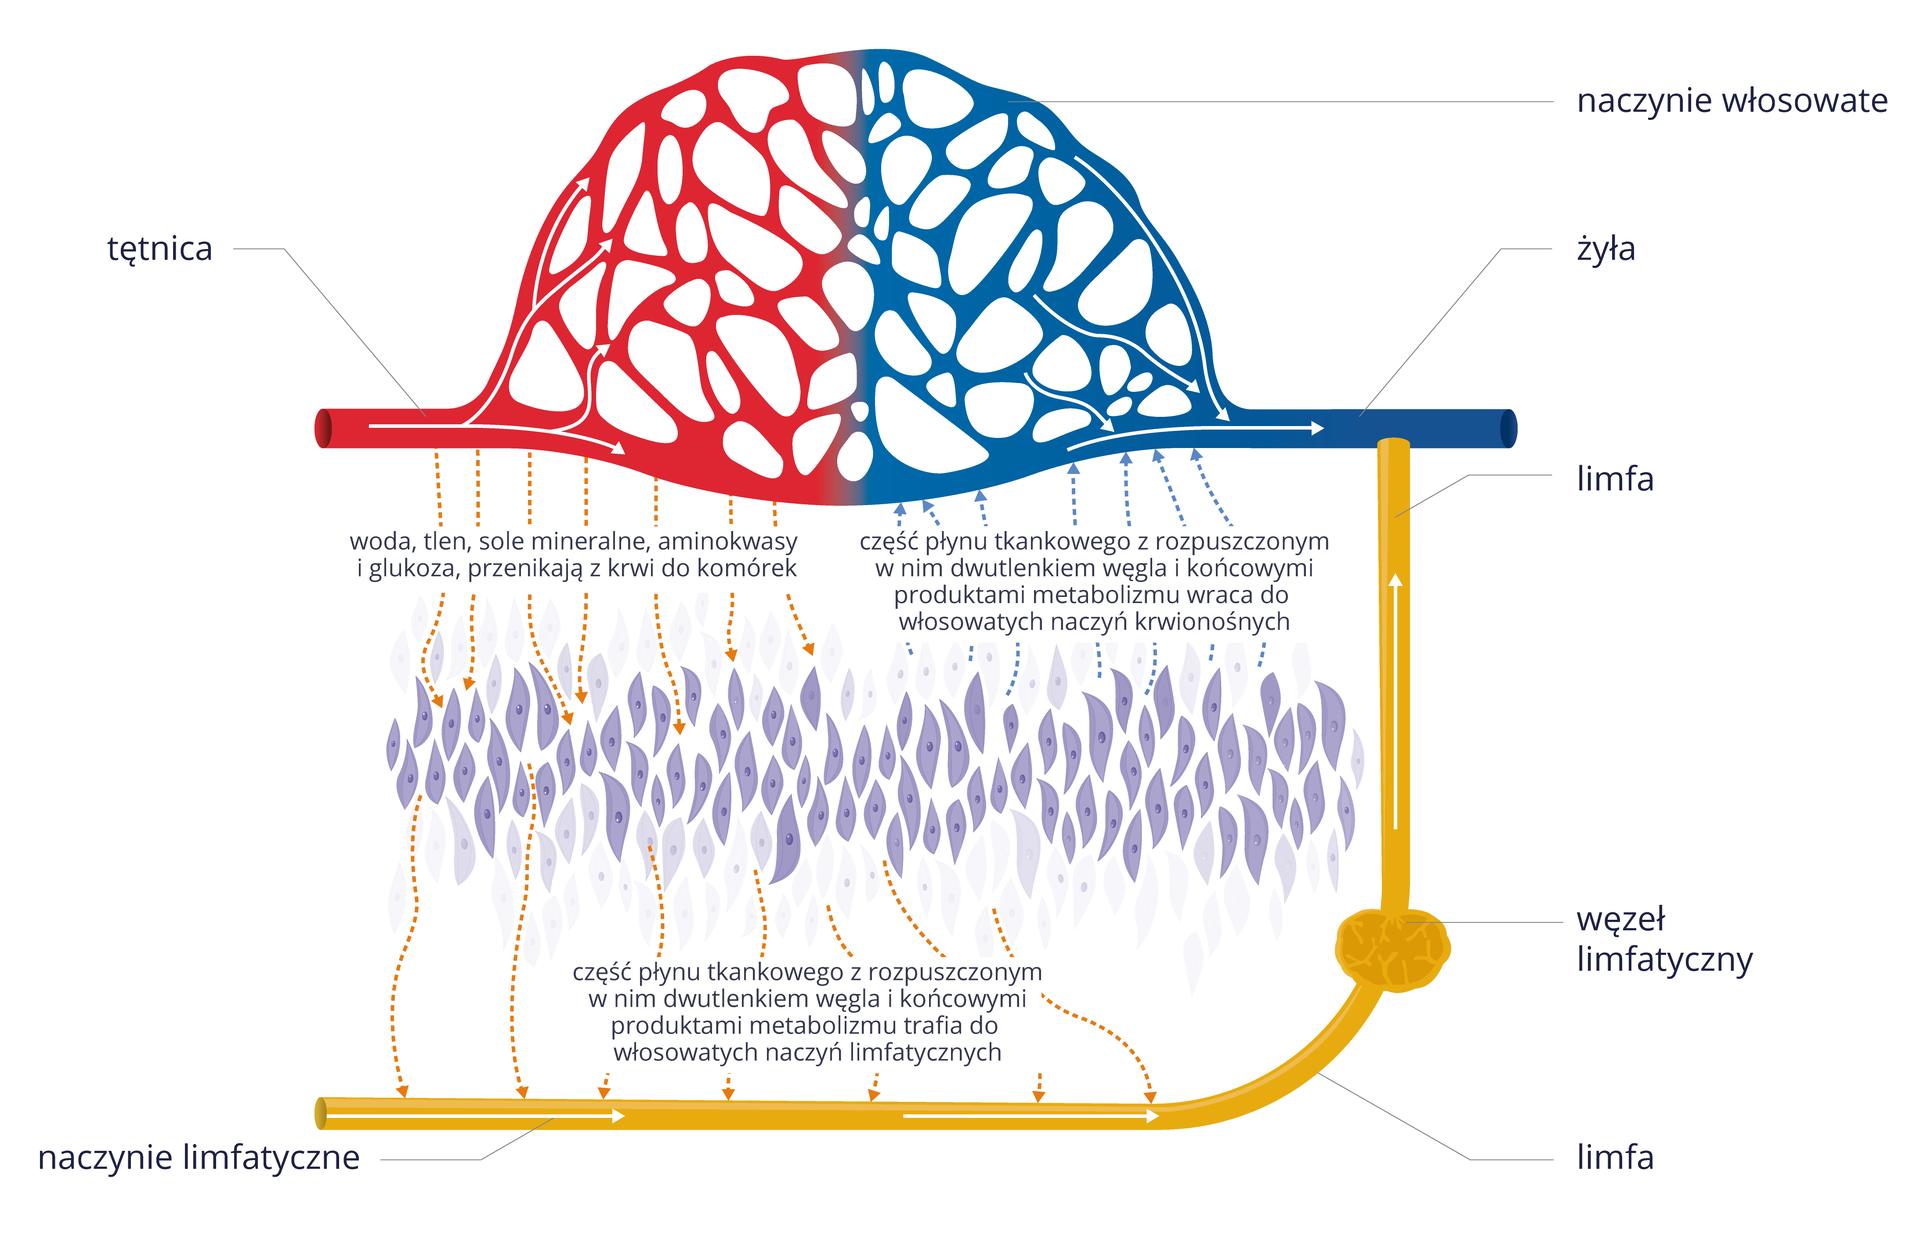 Ilustracja przedstawia schematycznie, jak powstaje limfa. Niebieskie są żyły, czerwone tętnice, żółte naczynia limfatyczne. Białe strzałki wskazują kierunek przepływu. Ugóry siatka naczyń krwionośnych włosowatych. Od tętnic czerwone przerywane strzałki oznaczają przepływ wody, tlenu, soli mineralnych, aminokwasów iglukozy do tkanek. Tkanka przedstawiona wformie zbioru wrzecionowatych, fioletowych komórek. Niebieskie przerywane strzałki wgórę oznaczają powrót do żył płynu tkankowego zrozpuszczonym dwutlenkiem węgla iproduktami metabolizmu. Od tkanki wdół pomarańczowe przerywane strzałki oznaczają odprowadzanie płynu tkankowego do naczynia limfatycznego. Wnaczyniu płynie limfa. Zgrubienie oznacza węzeł limfatyczny. Naczynie limfatyczne ugóry łączy się zżyłą.